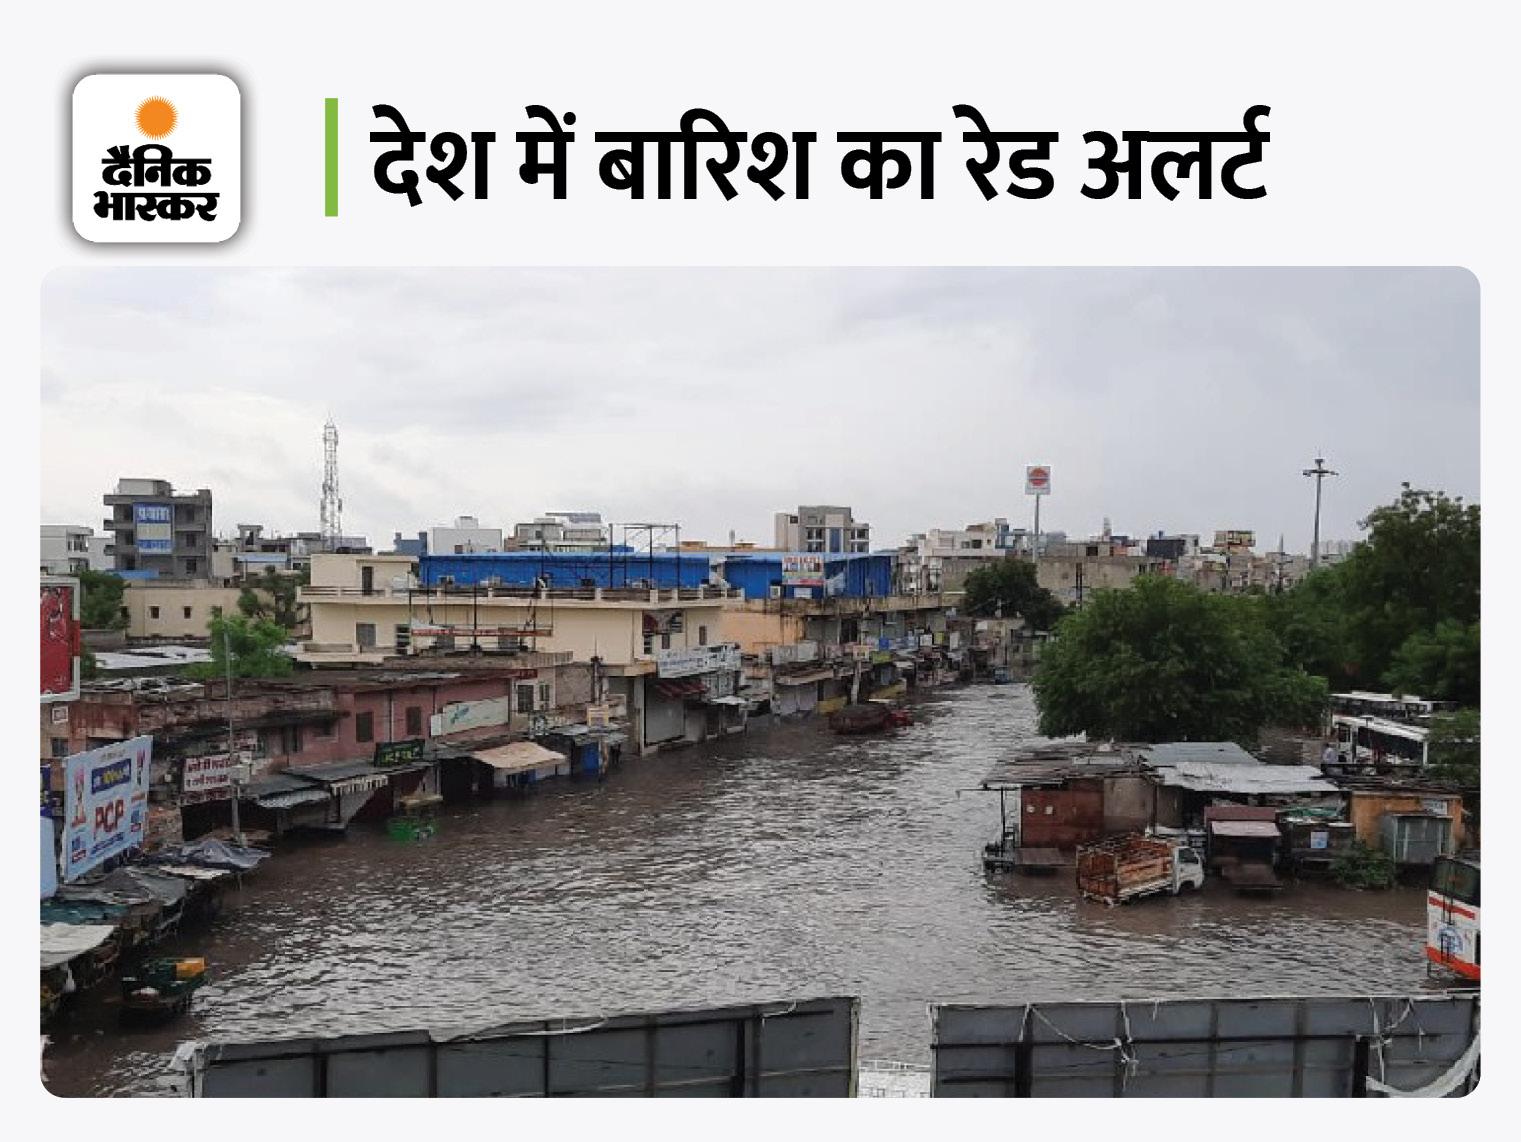 राजस्थान के सीकर जिले में भारी बारिश से लोगों का बुरा हाल है। पानी घरों के अंदर तक घुस आया है।